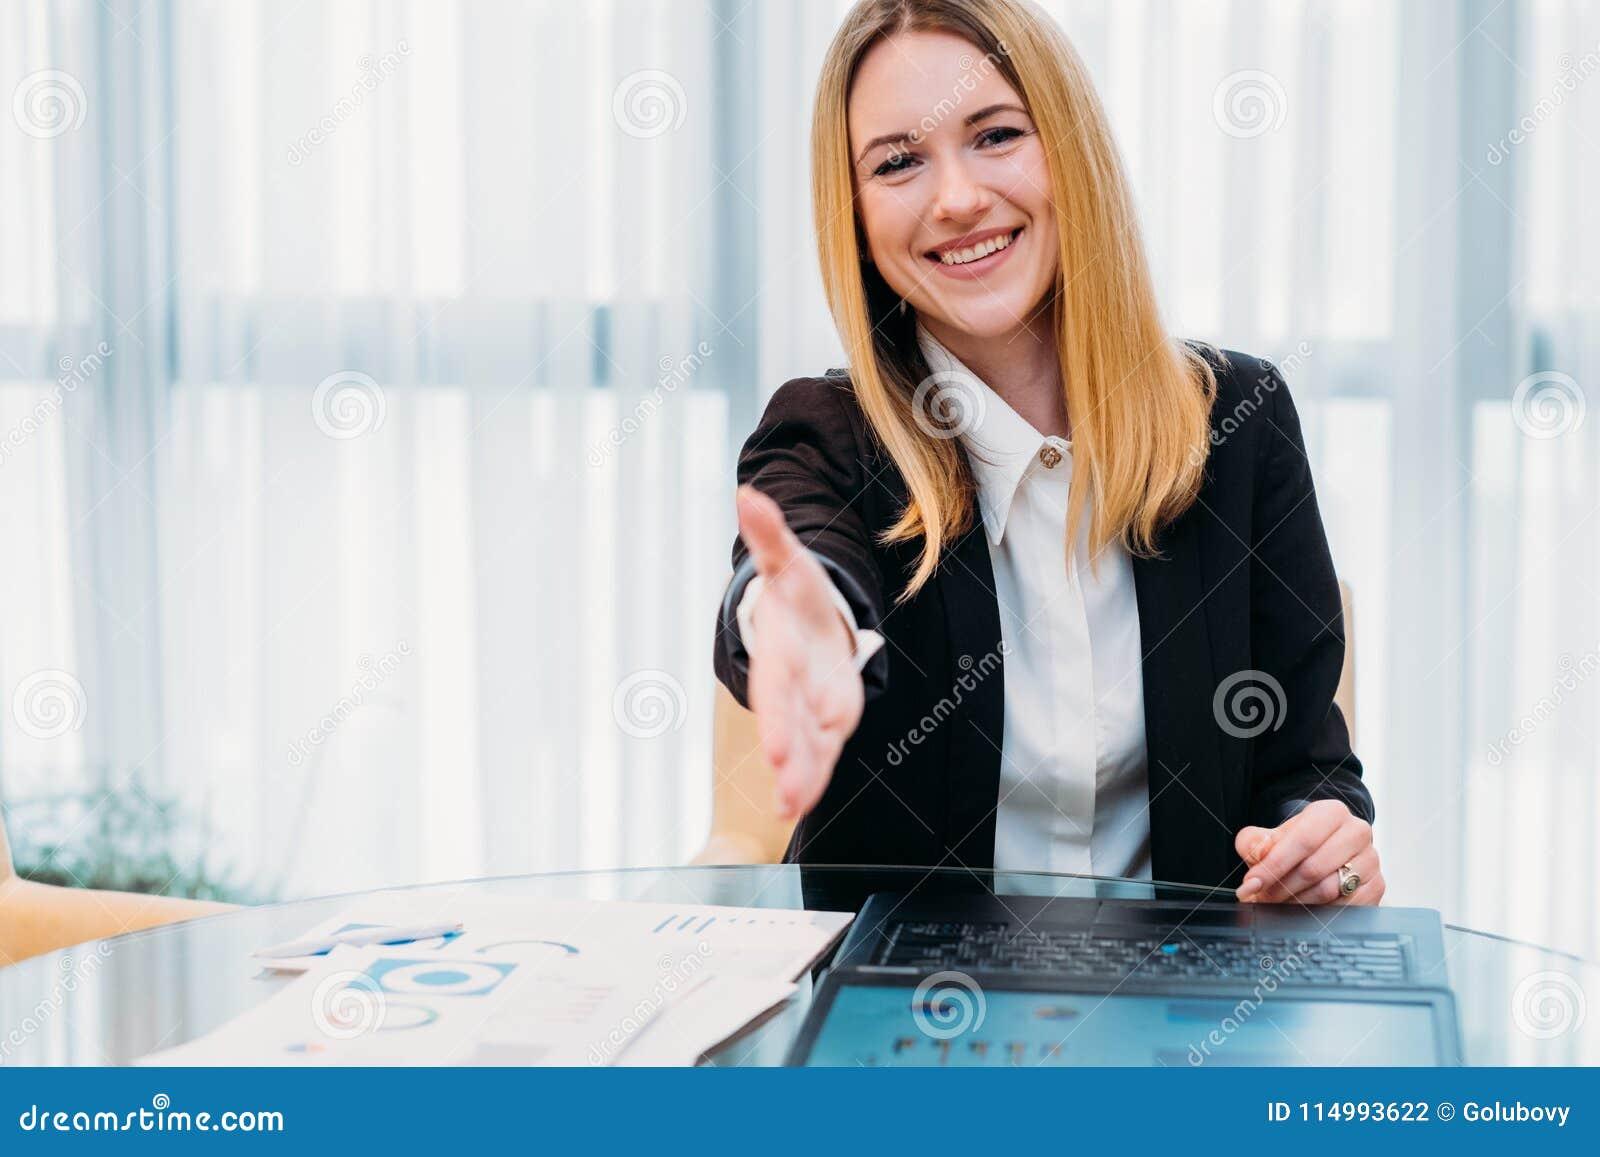 KARRIEREwerbeoffizierstunden-Handbeschäftigung des Jobs Einstellungs